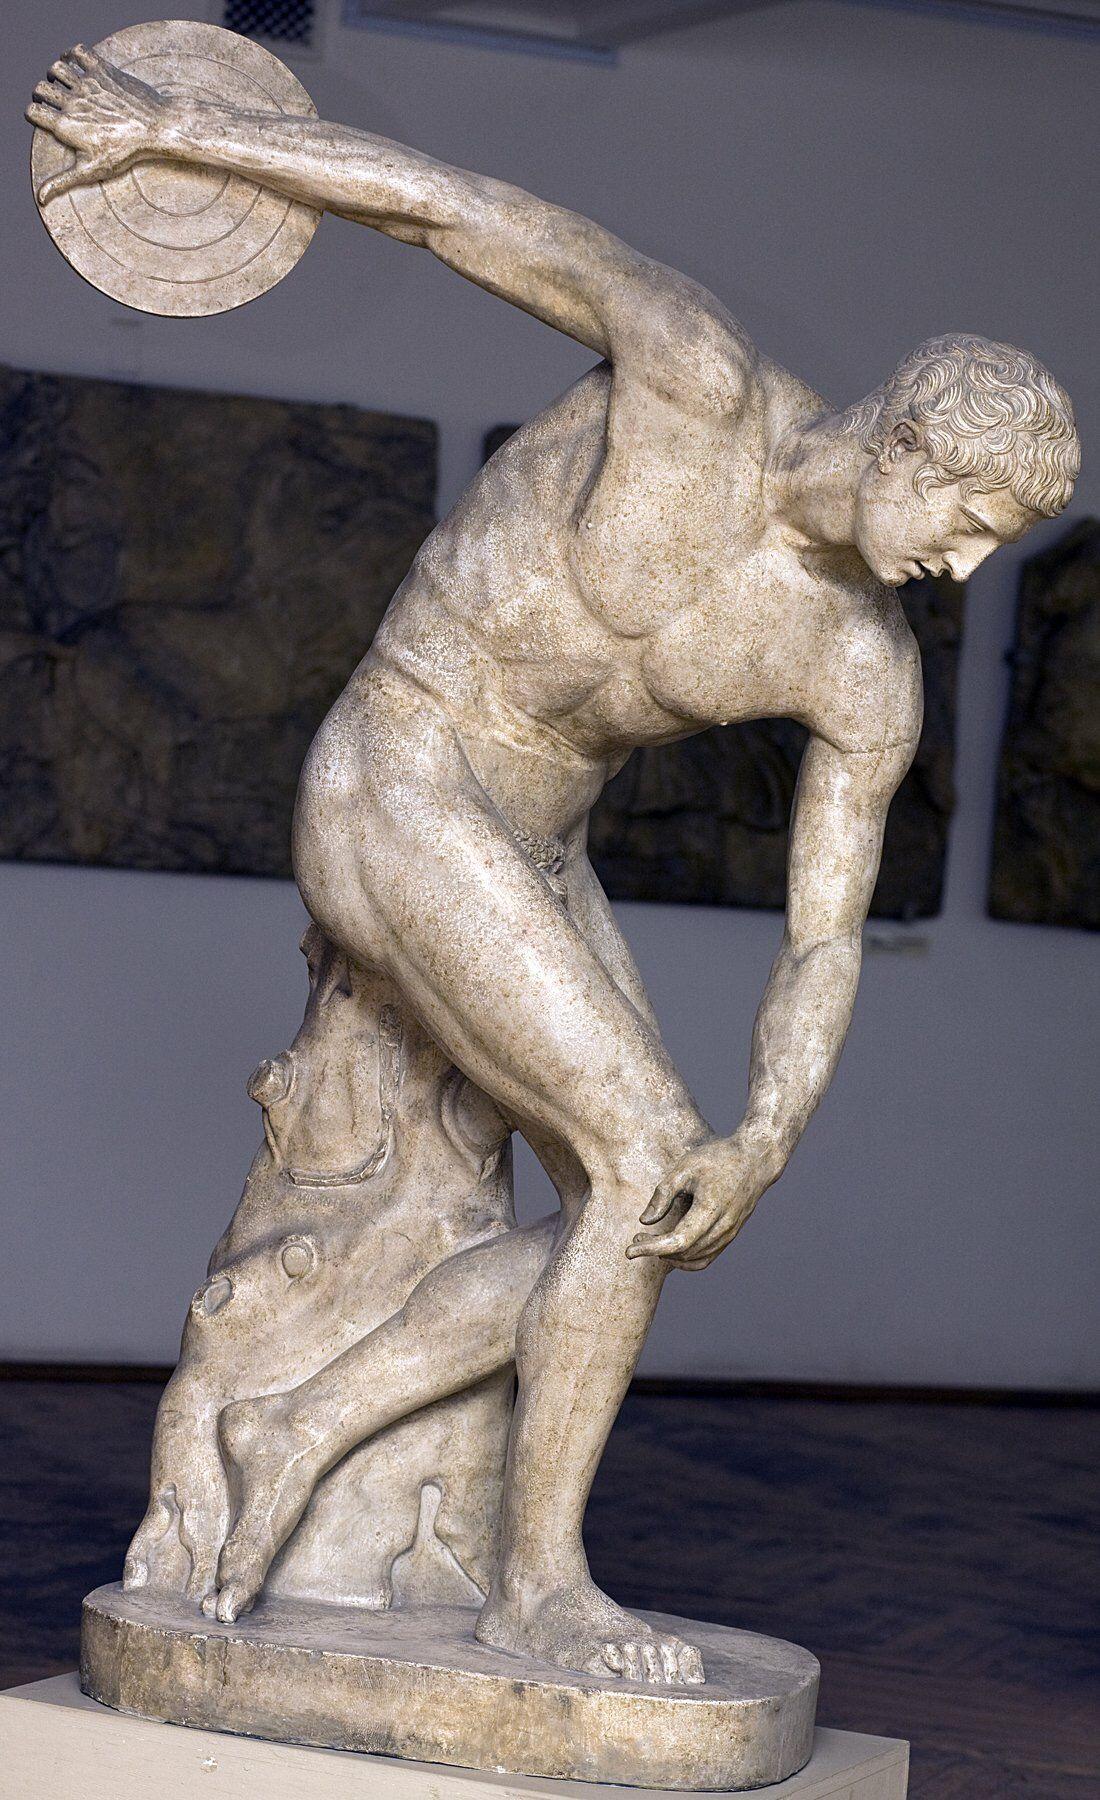 палитры название скульптур и картинки появлением